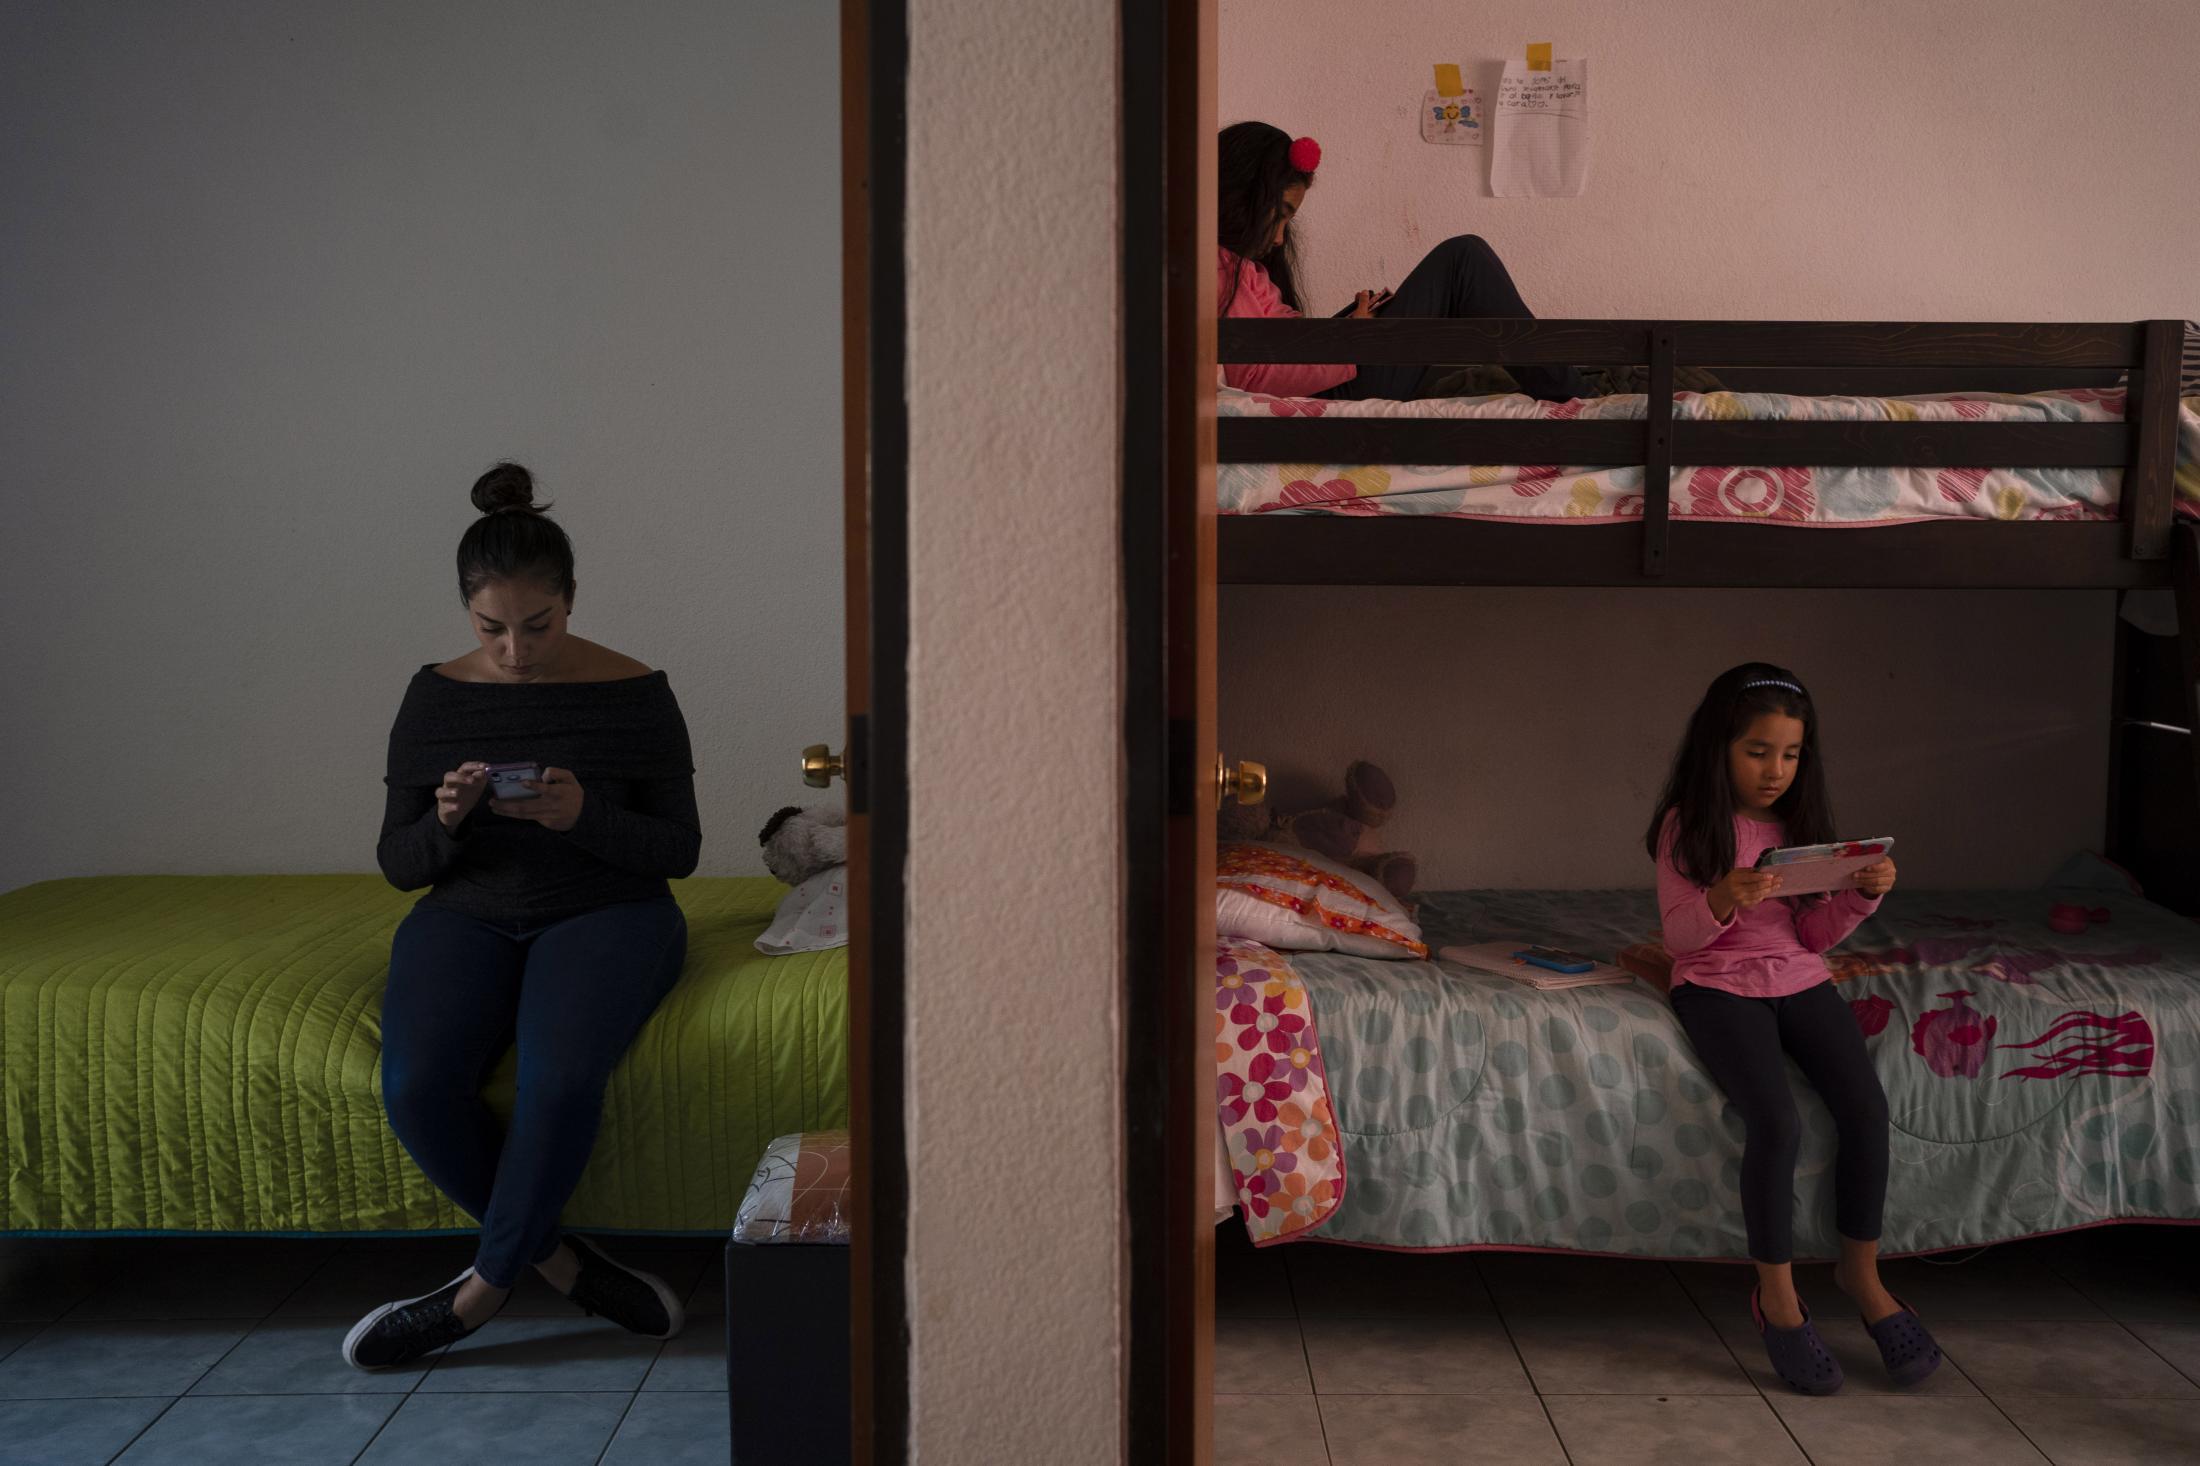 Mónica Quijano trabaja recibiendo pedidos de productos a través de su página de Facebook, mientras sus hijas juegan en sus tabletas digitales, al interior de sus respectivas habitaciones. En San Luis Potosí, México. El 3 de Diciembre del 2020.